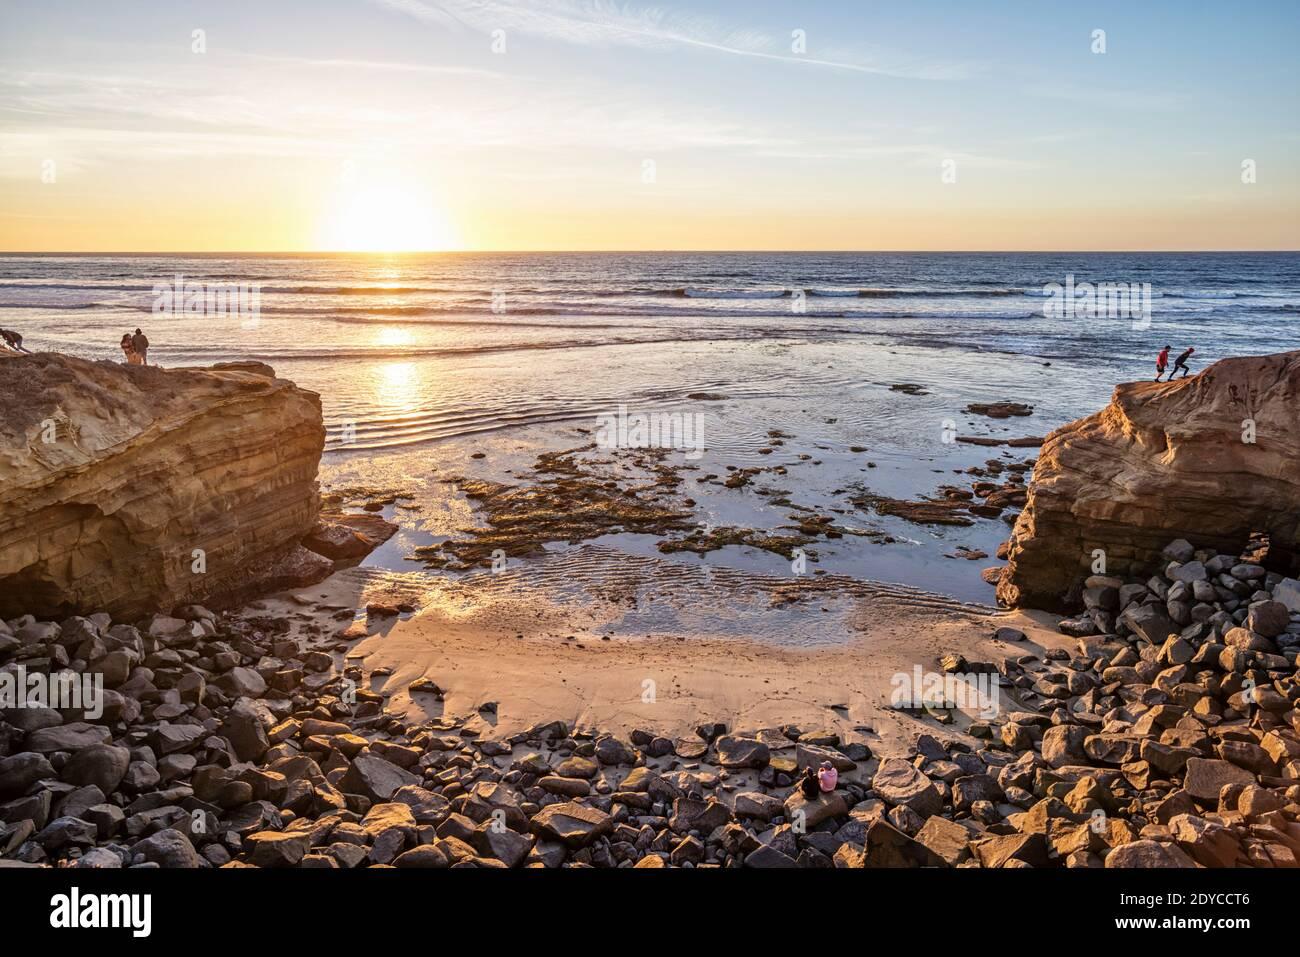 Invierno por la tarde escena costera en el Parque Natural Sunset Cliffs. San Diego, California, Estados Unidos. Foto de stock